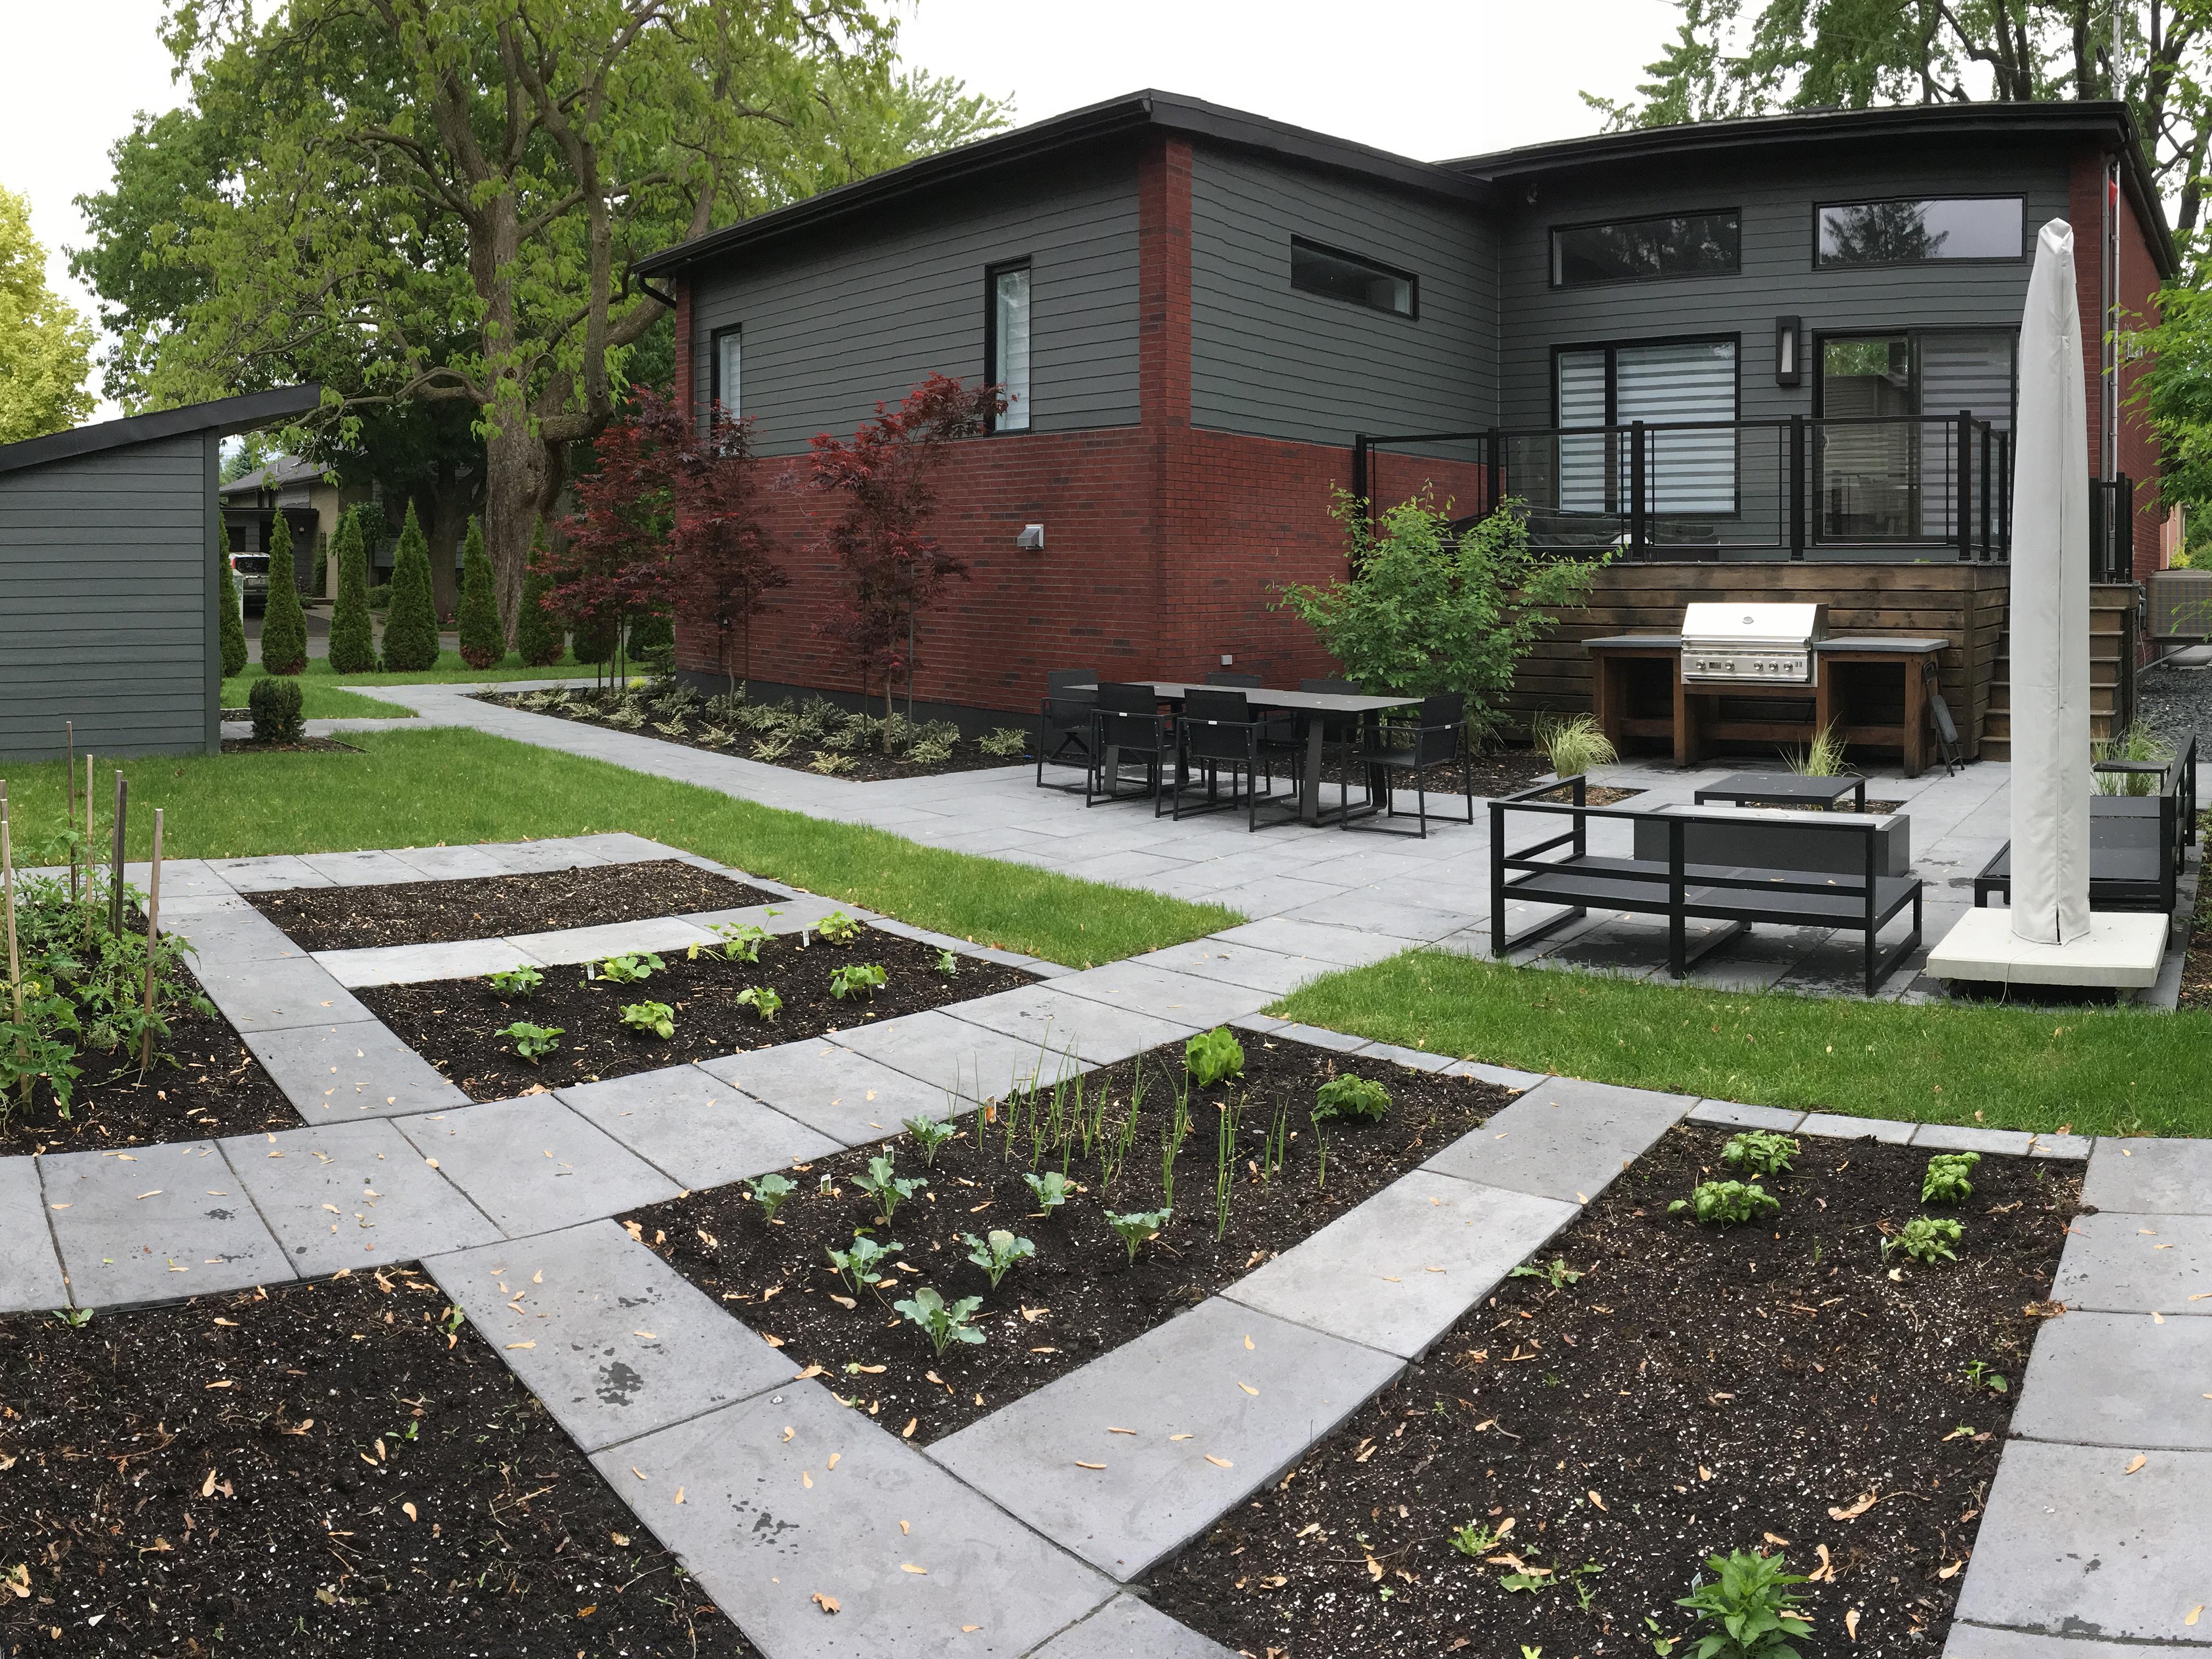 Aménagement Extérieur Maison Terrain En Pente accueil - jardins de la pinière | conception et aménagement